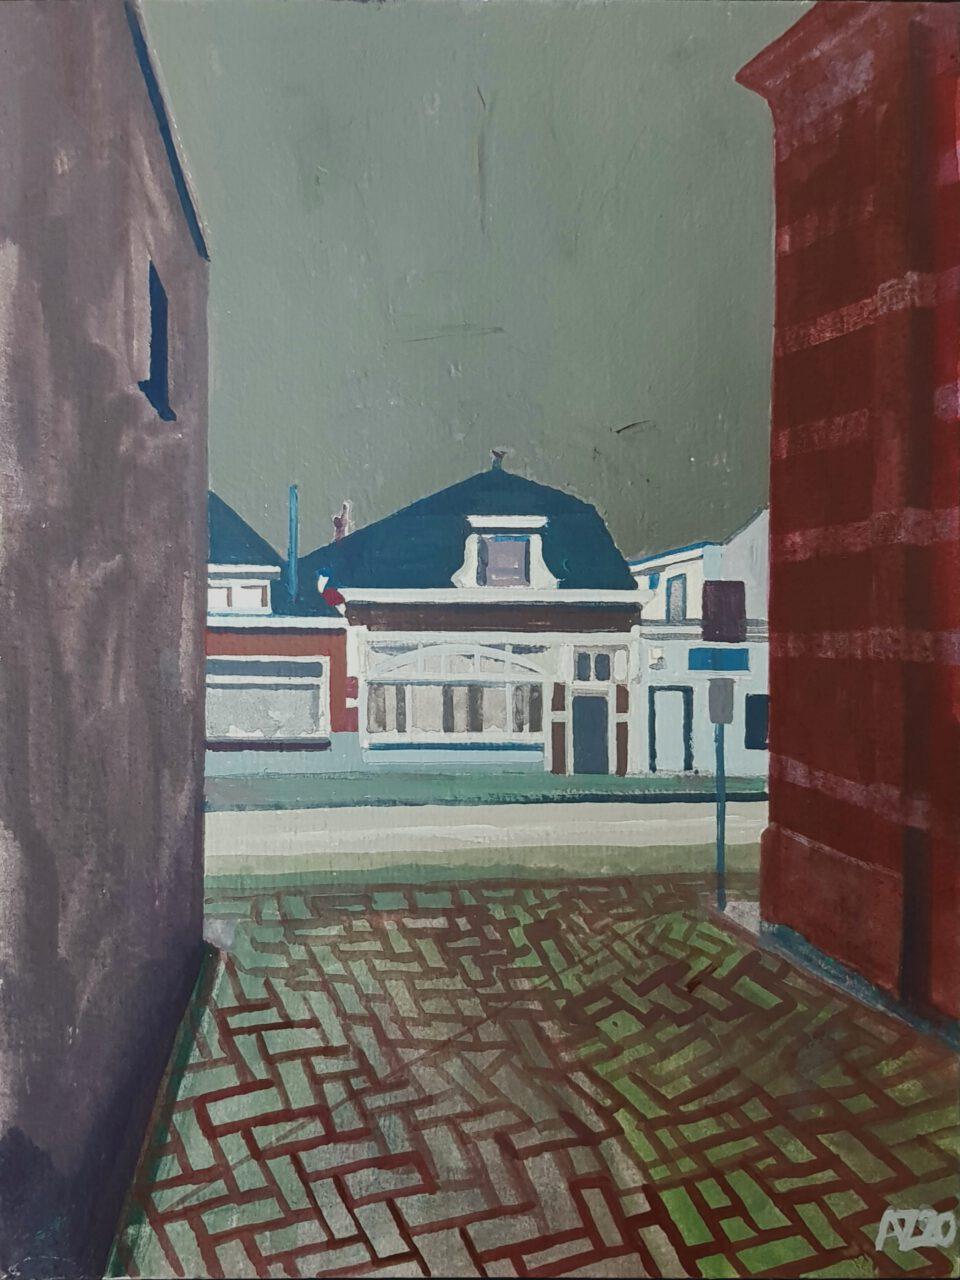 Huizen aan de Singel, 2020. Lefranc vinyl paint on paper, 24x18cm